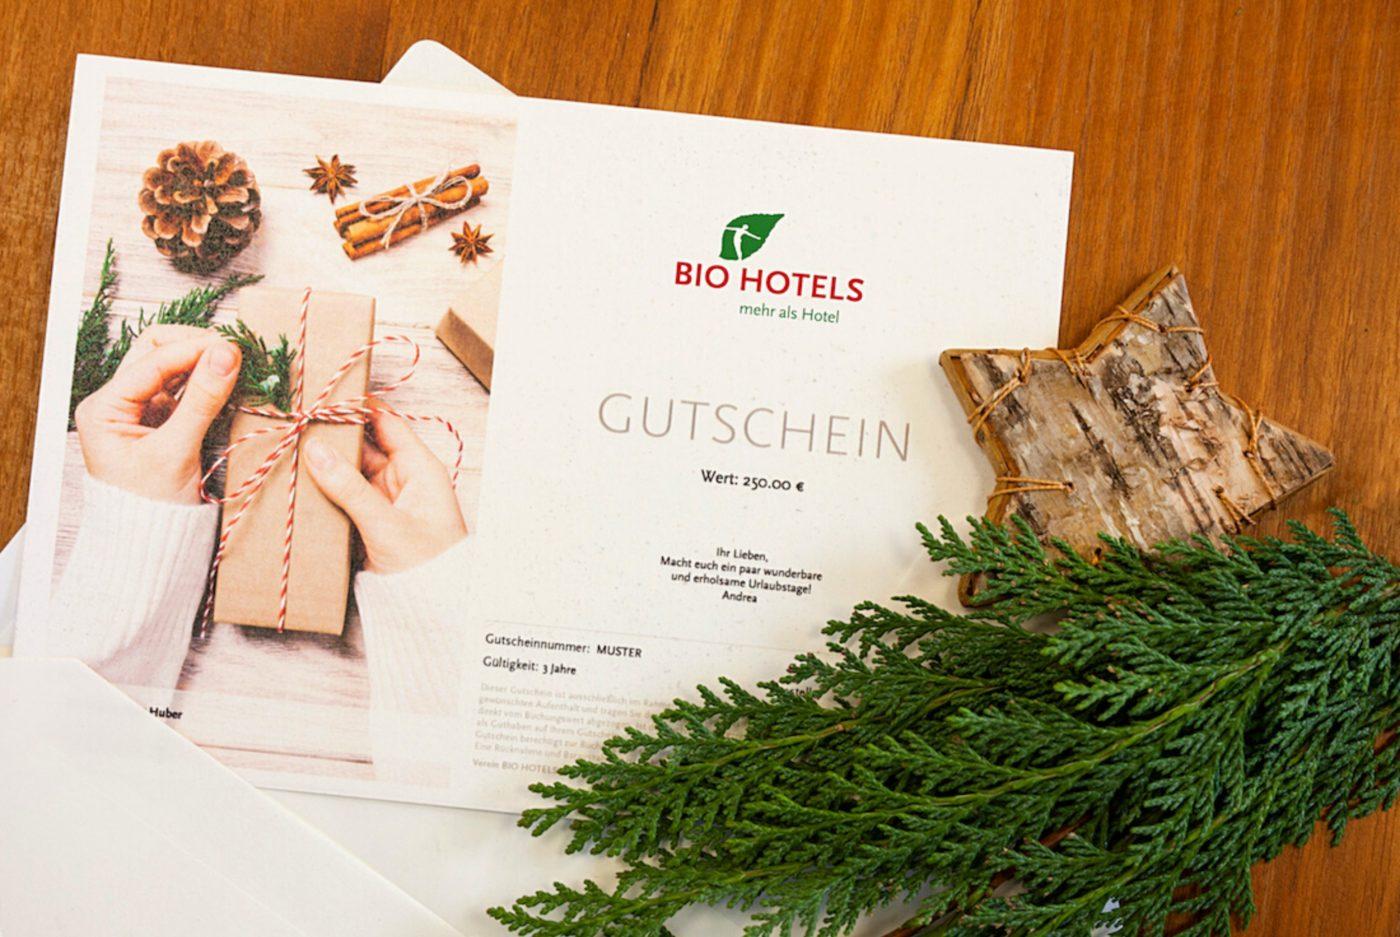 Bio Hotels Gutschein 250€